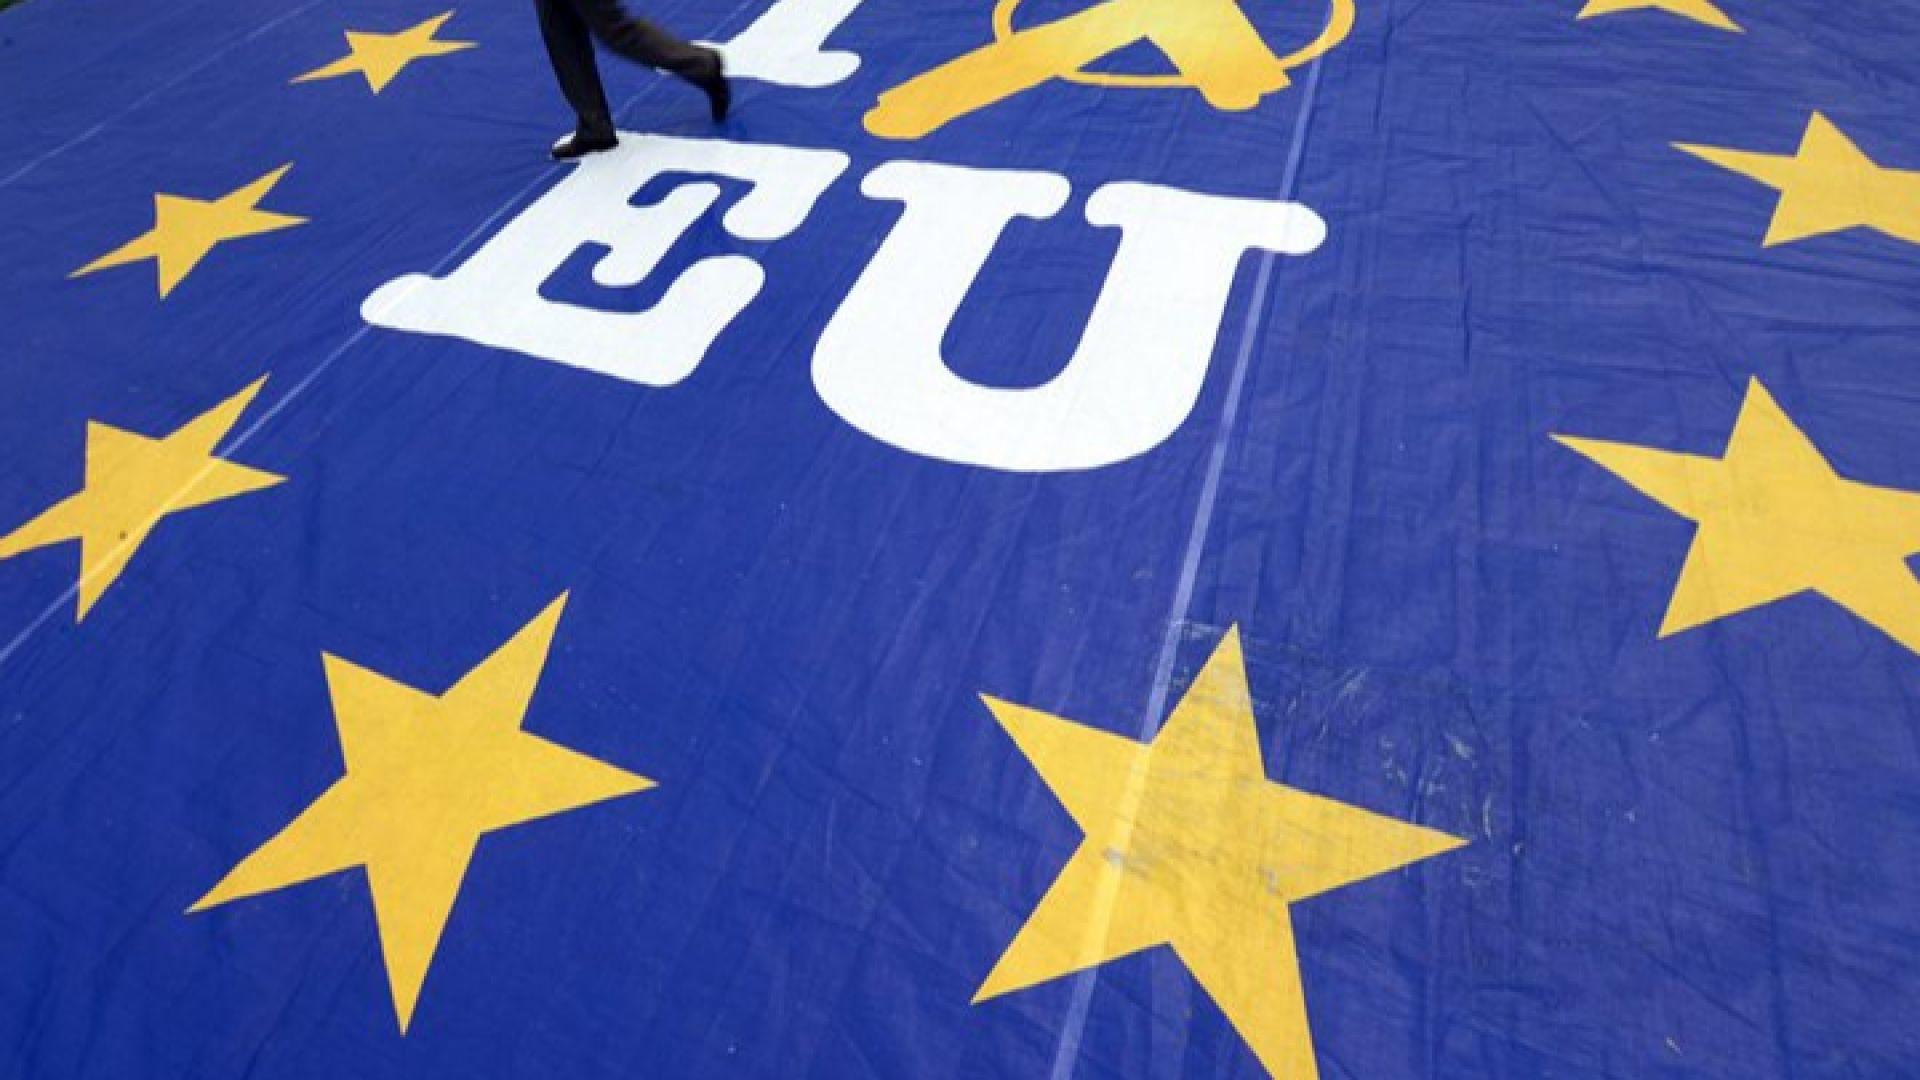 Предлагат на Гърция още 4.8 млрд евро, но срещу още реформи